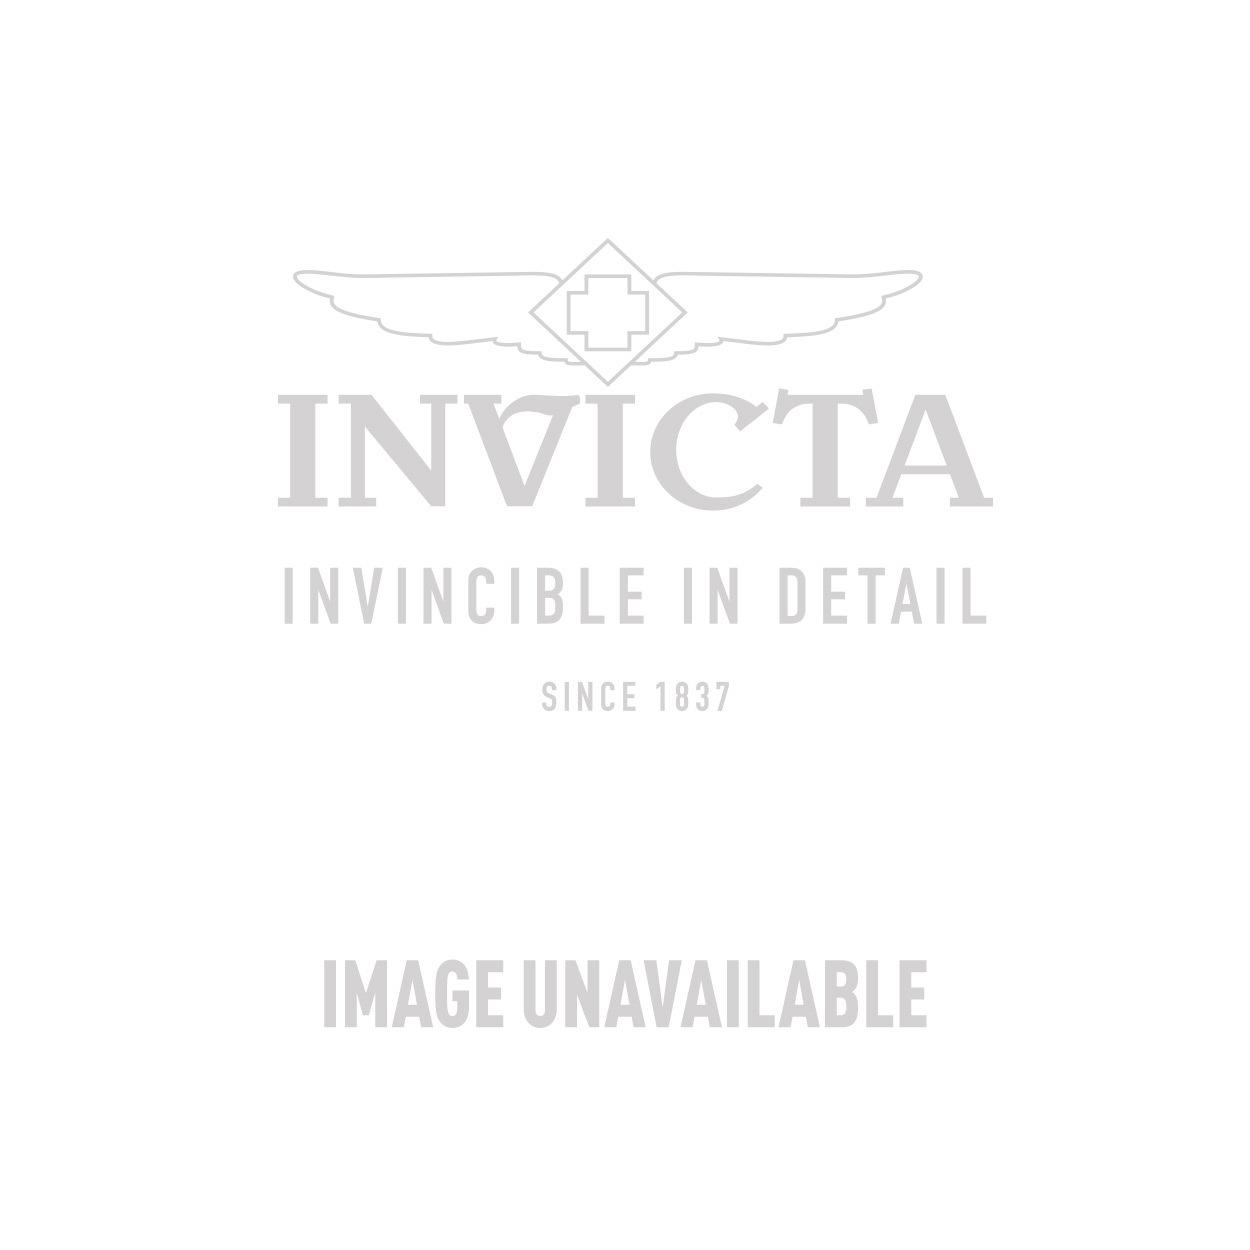 Invicta Model  25916